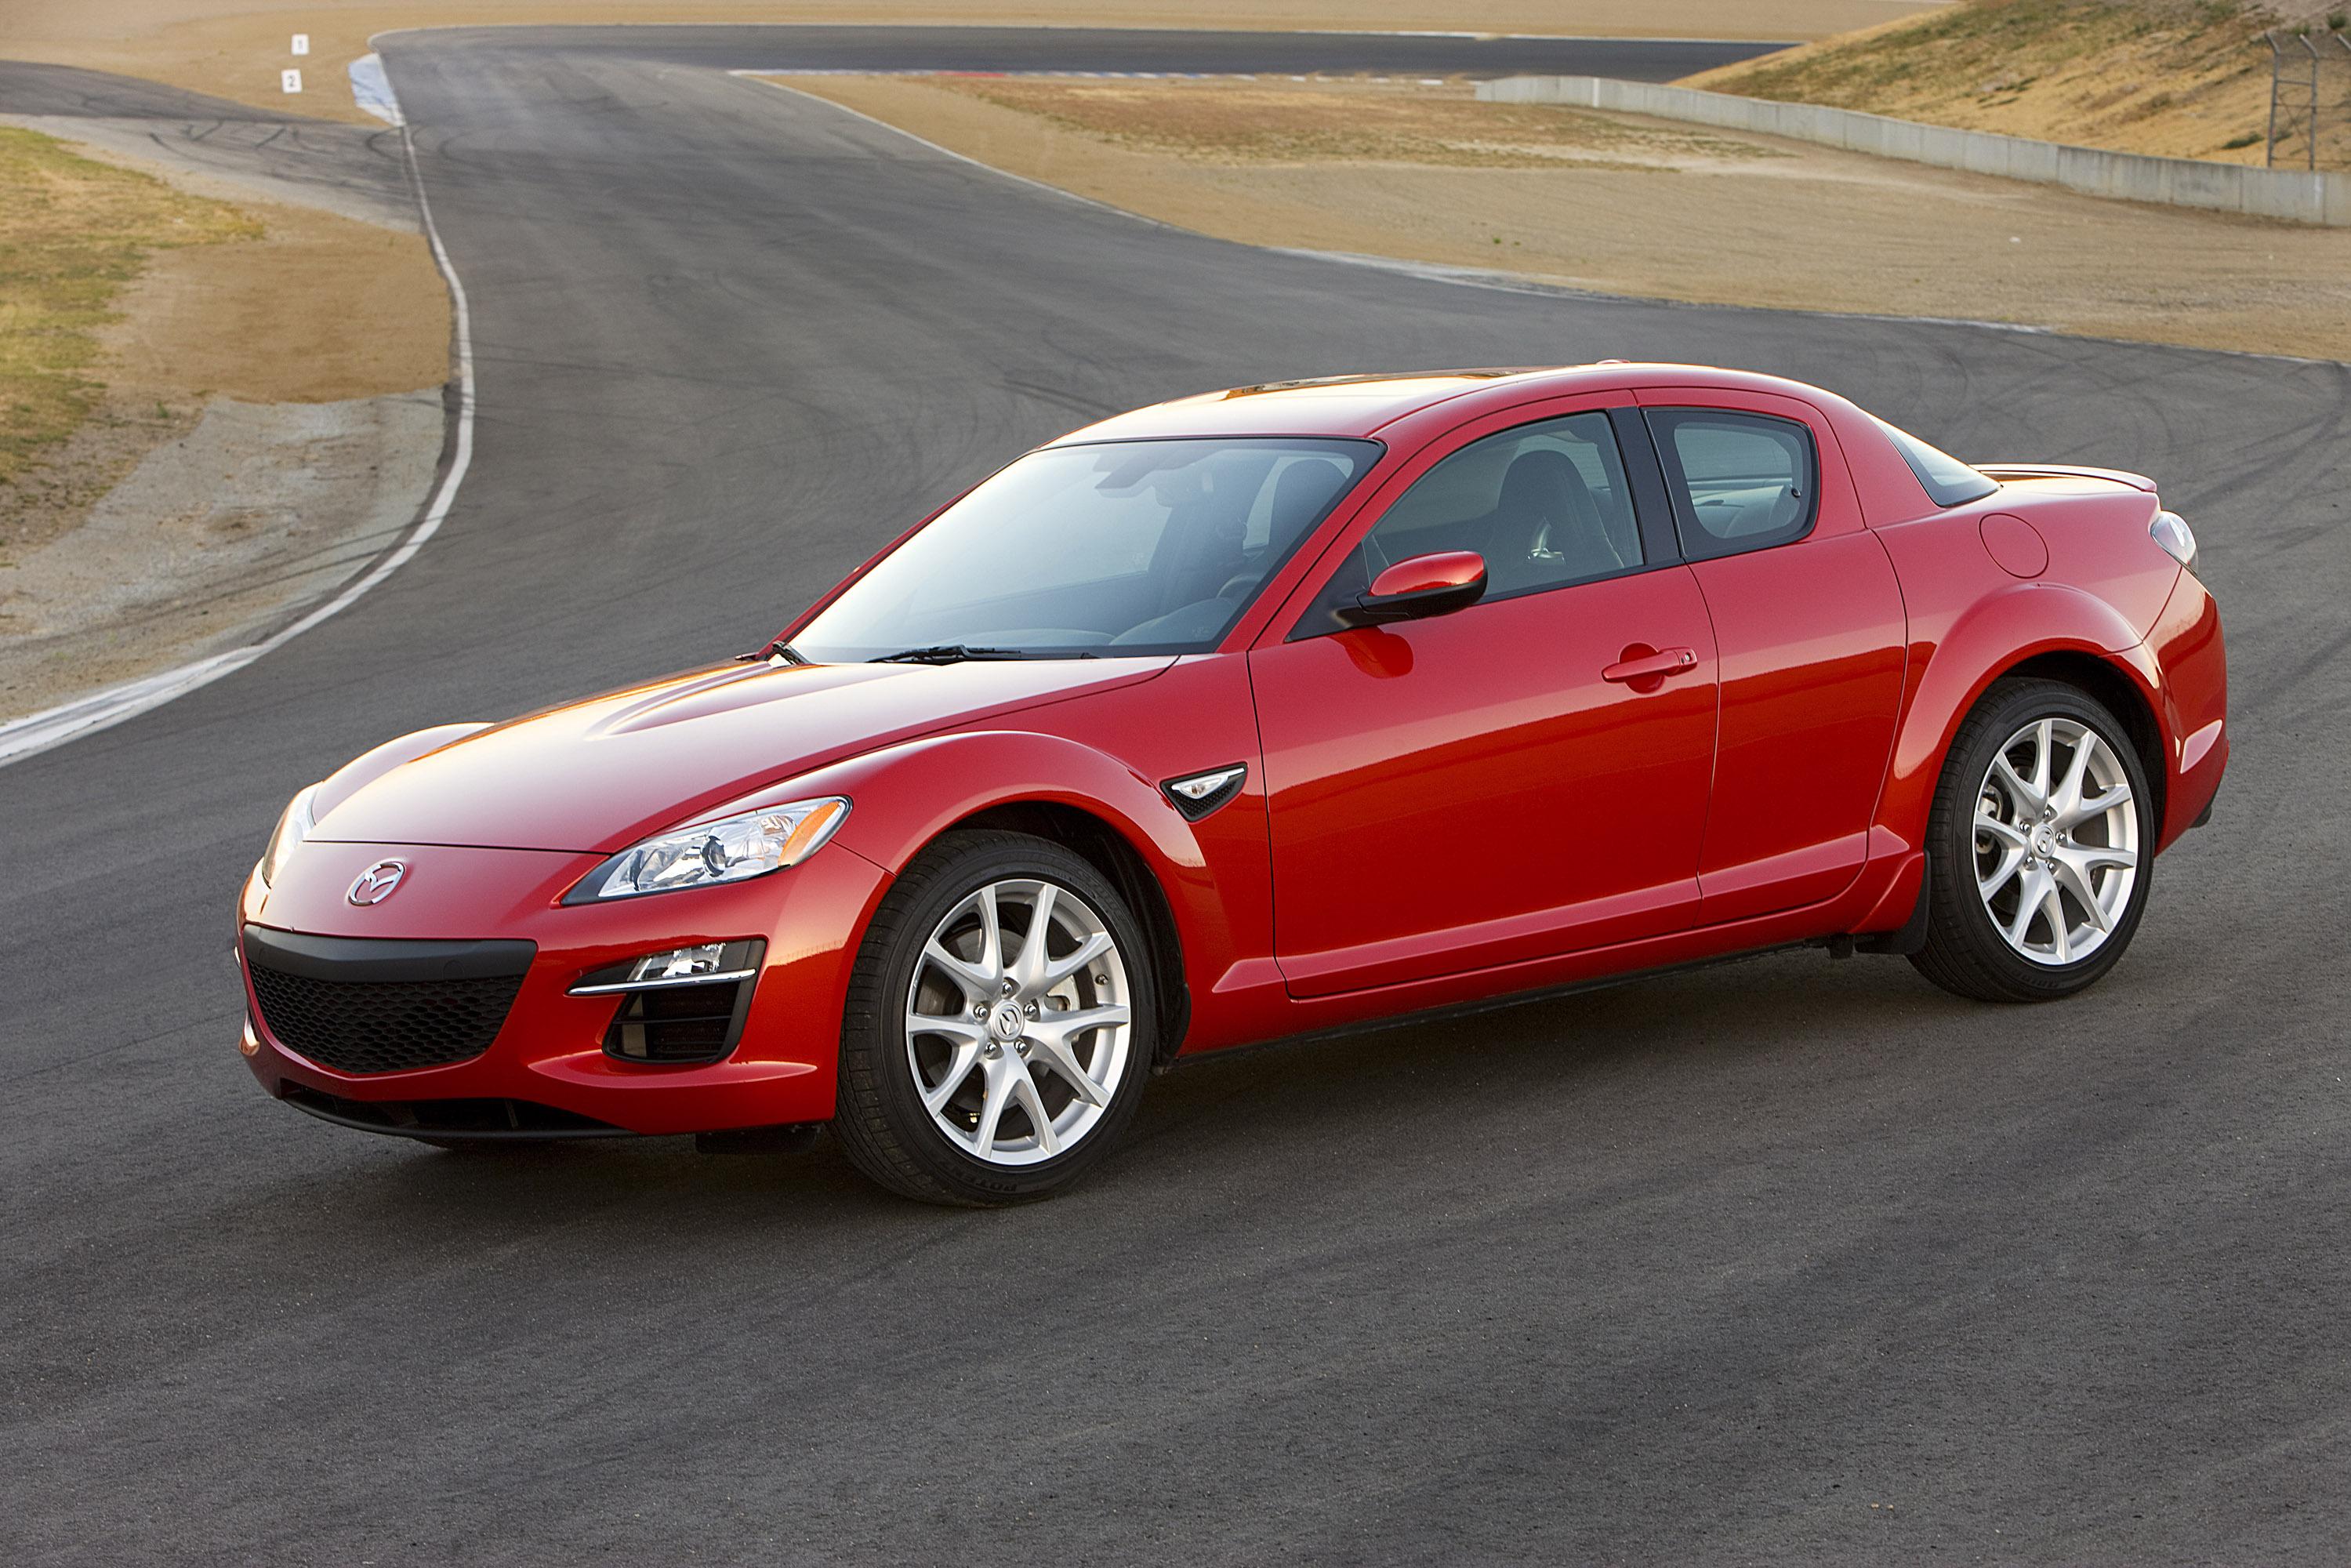 2009 Mazda RX-8 - HD Pictures @ carsinvasion.com